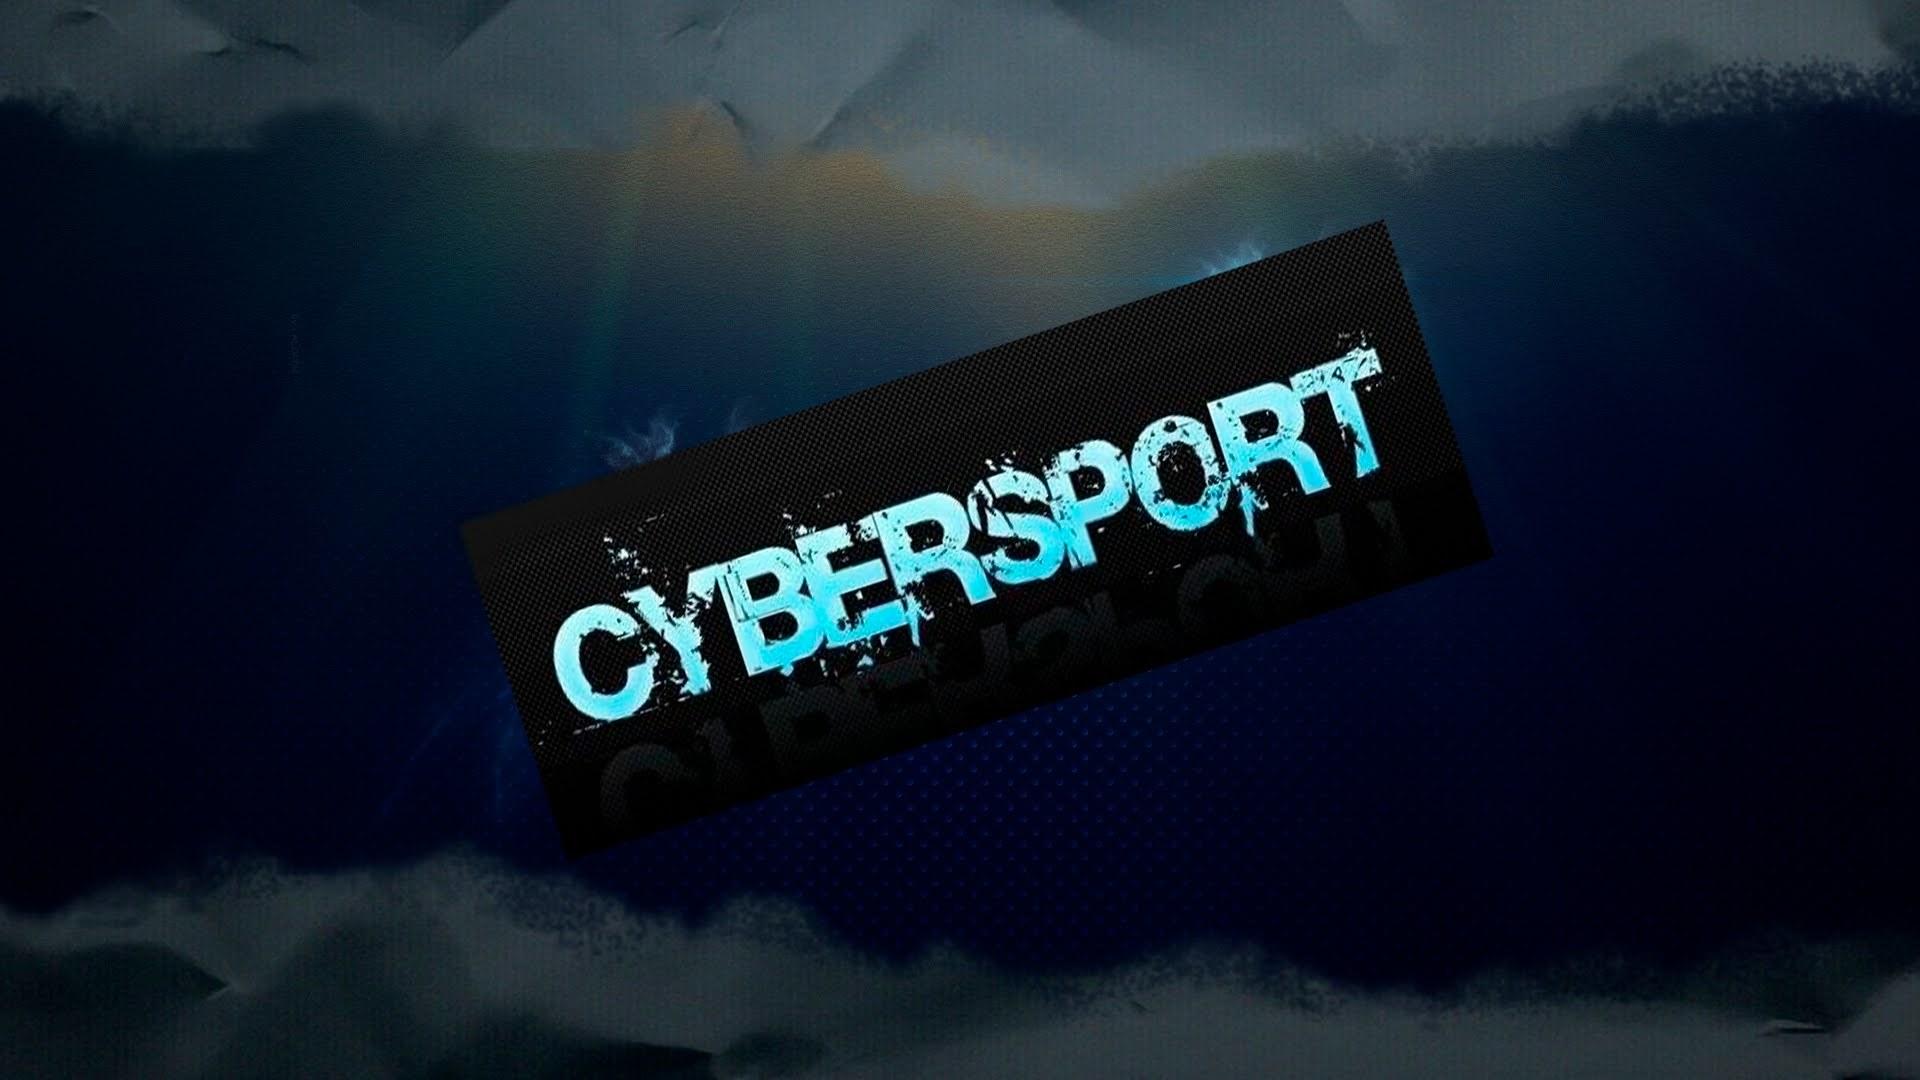 Игровой хостинг для киберспортсменов как сделать сайт 3в